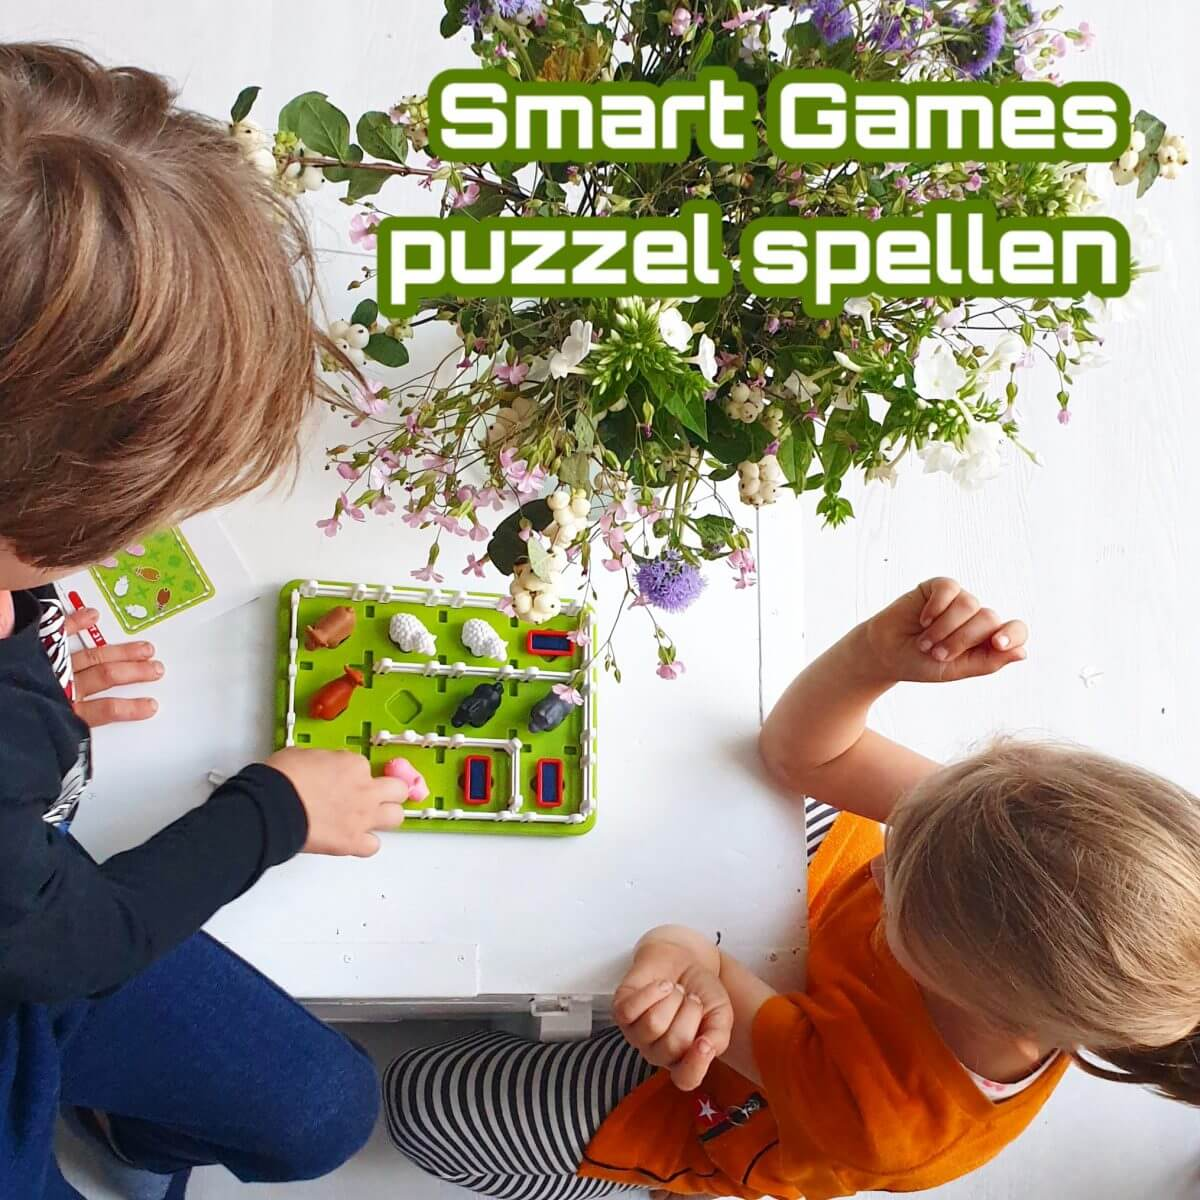 Smart Games: puzzel spelletjes die je alleen of samen kunt doen, maar nooit tegen elkaar